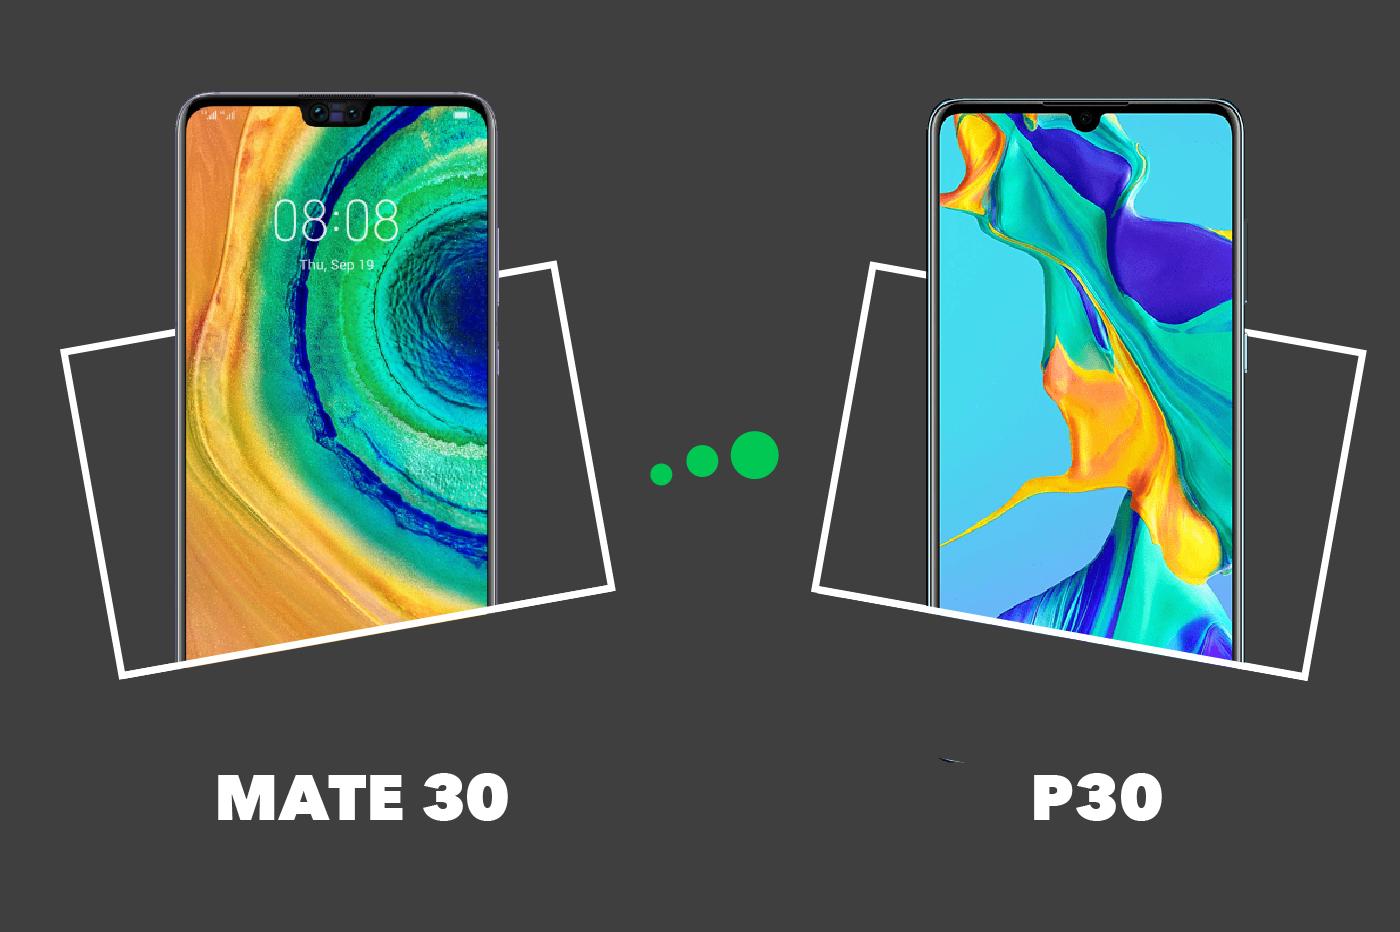 Huawei Mate 30 vs P30